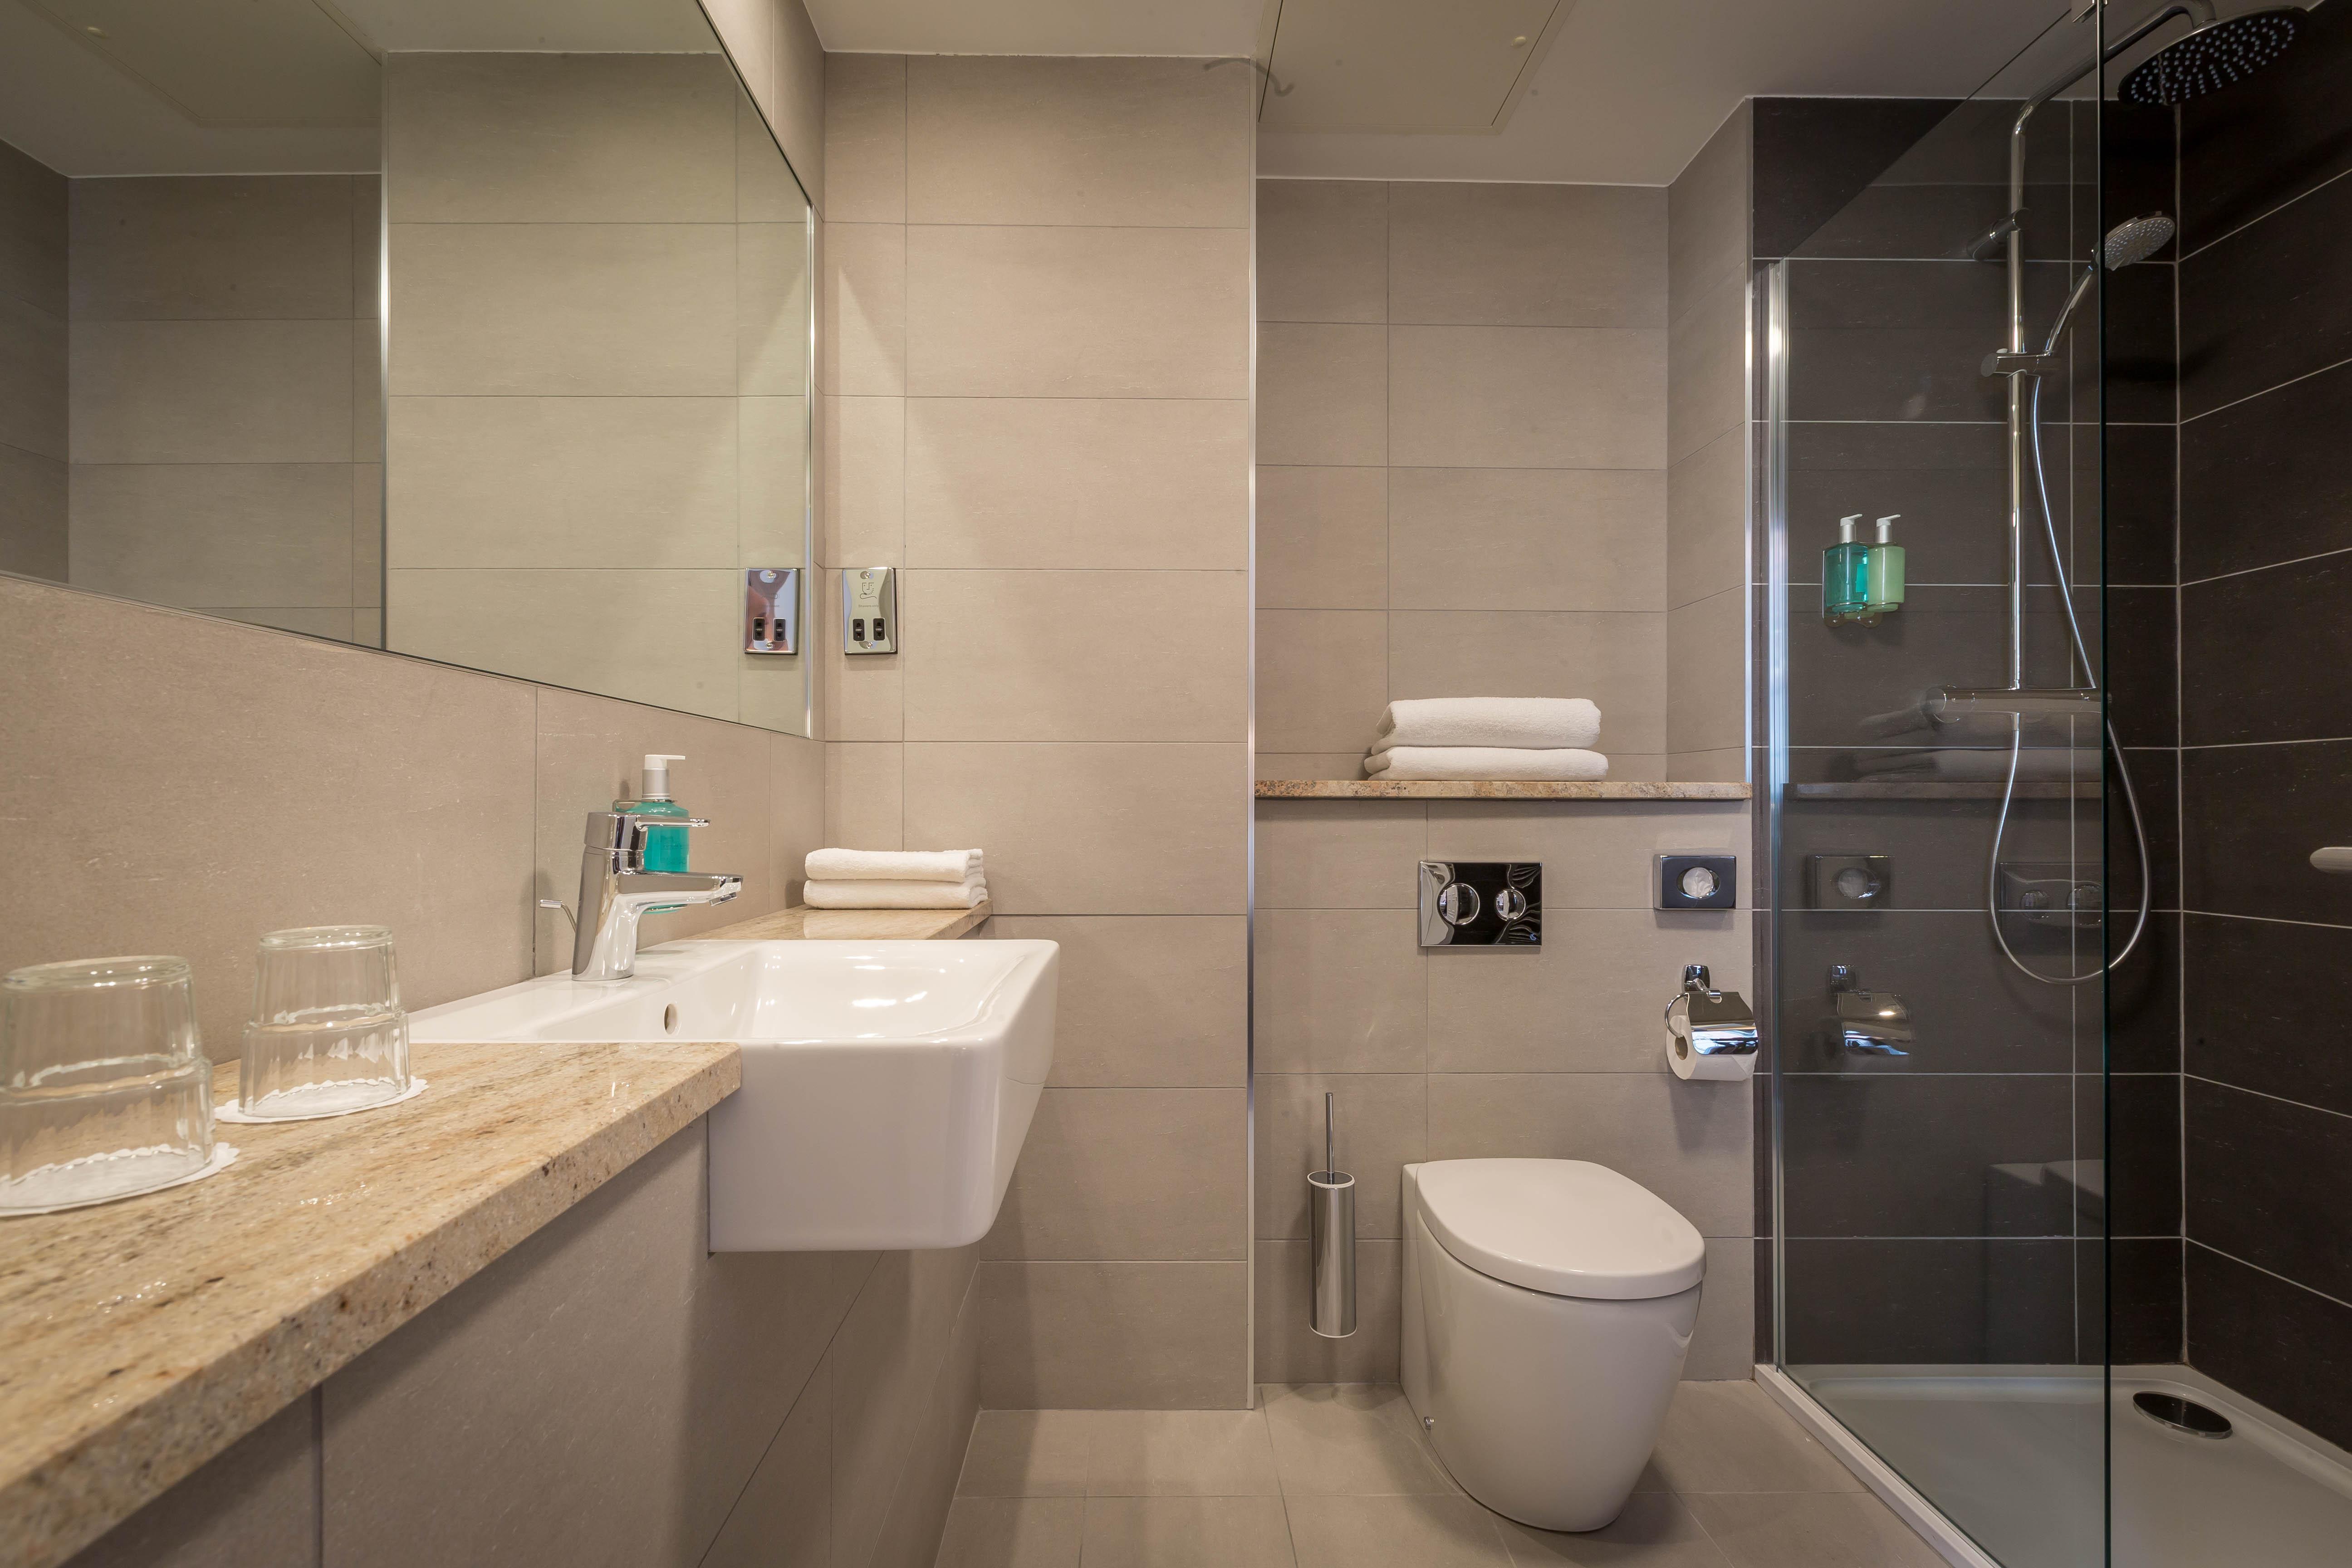 Belvedere-Hotel-Bathroom-1